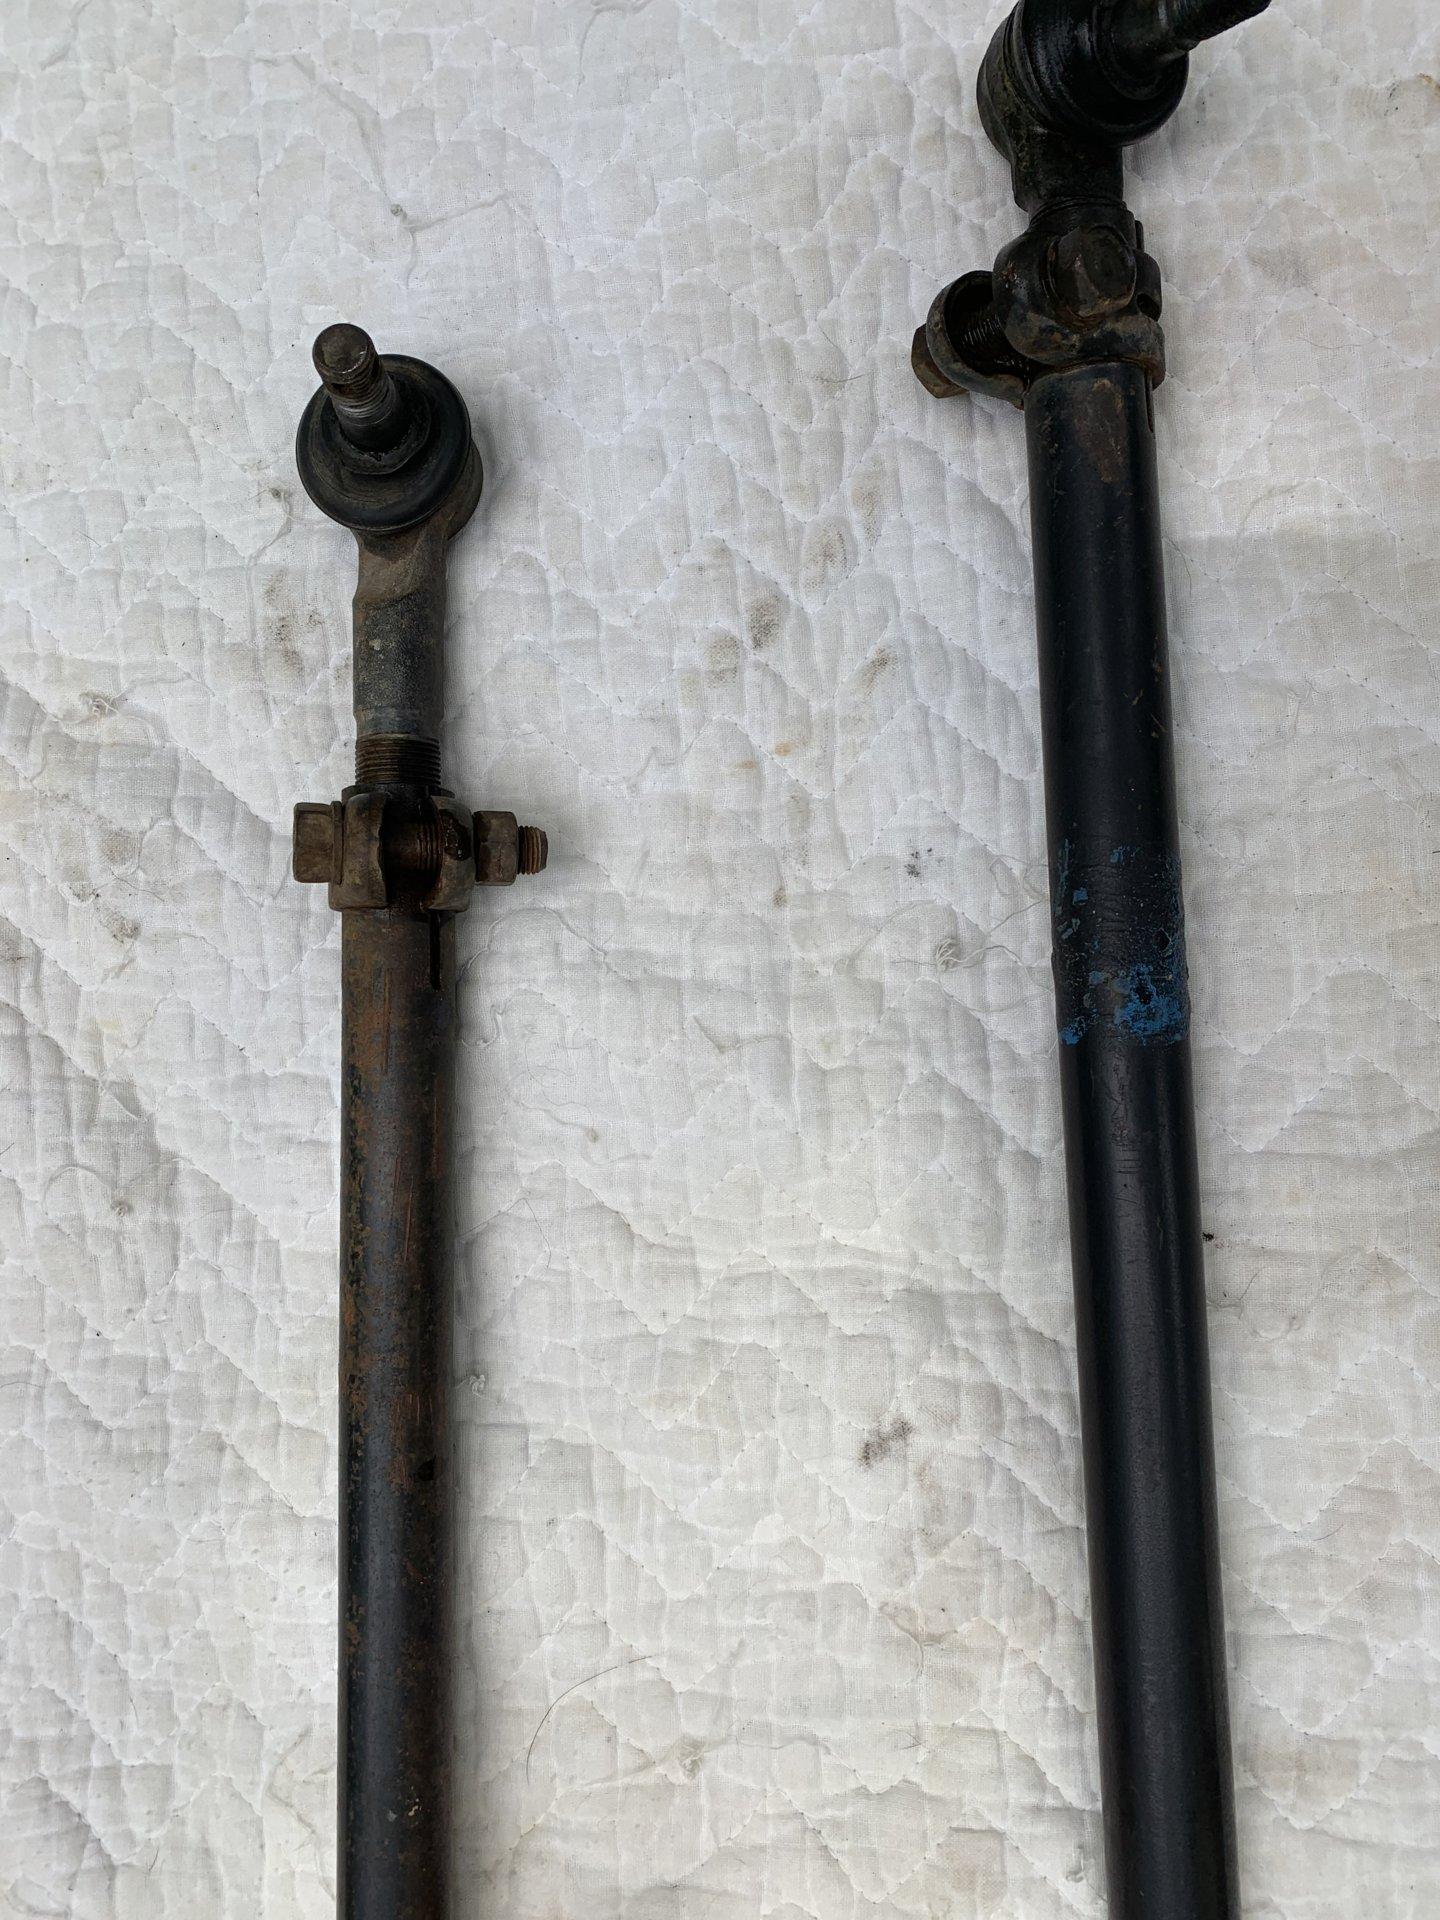 DA9DE71B-43F4-4D3C-805D-FECCC493CA96.jpeg